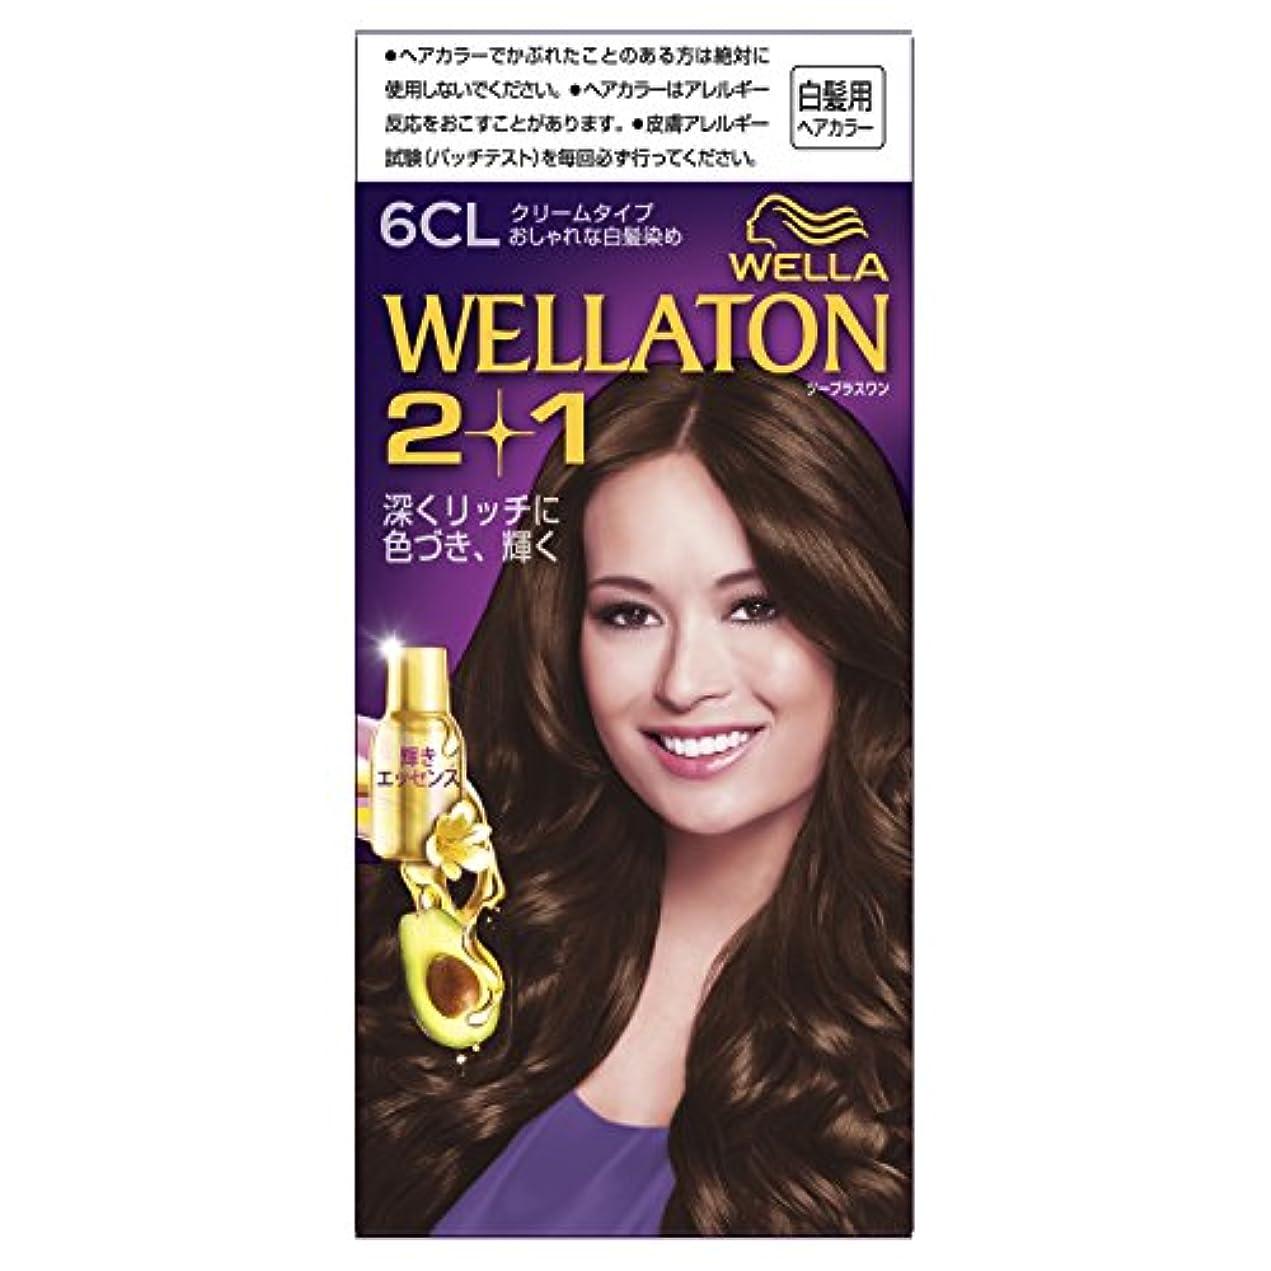 ウエラトーン2+1 クリームタイプ 6CL [医薬部外品](おしゃれな白髪染め)